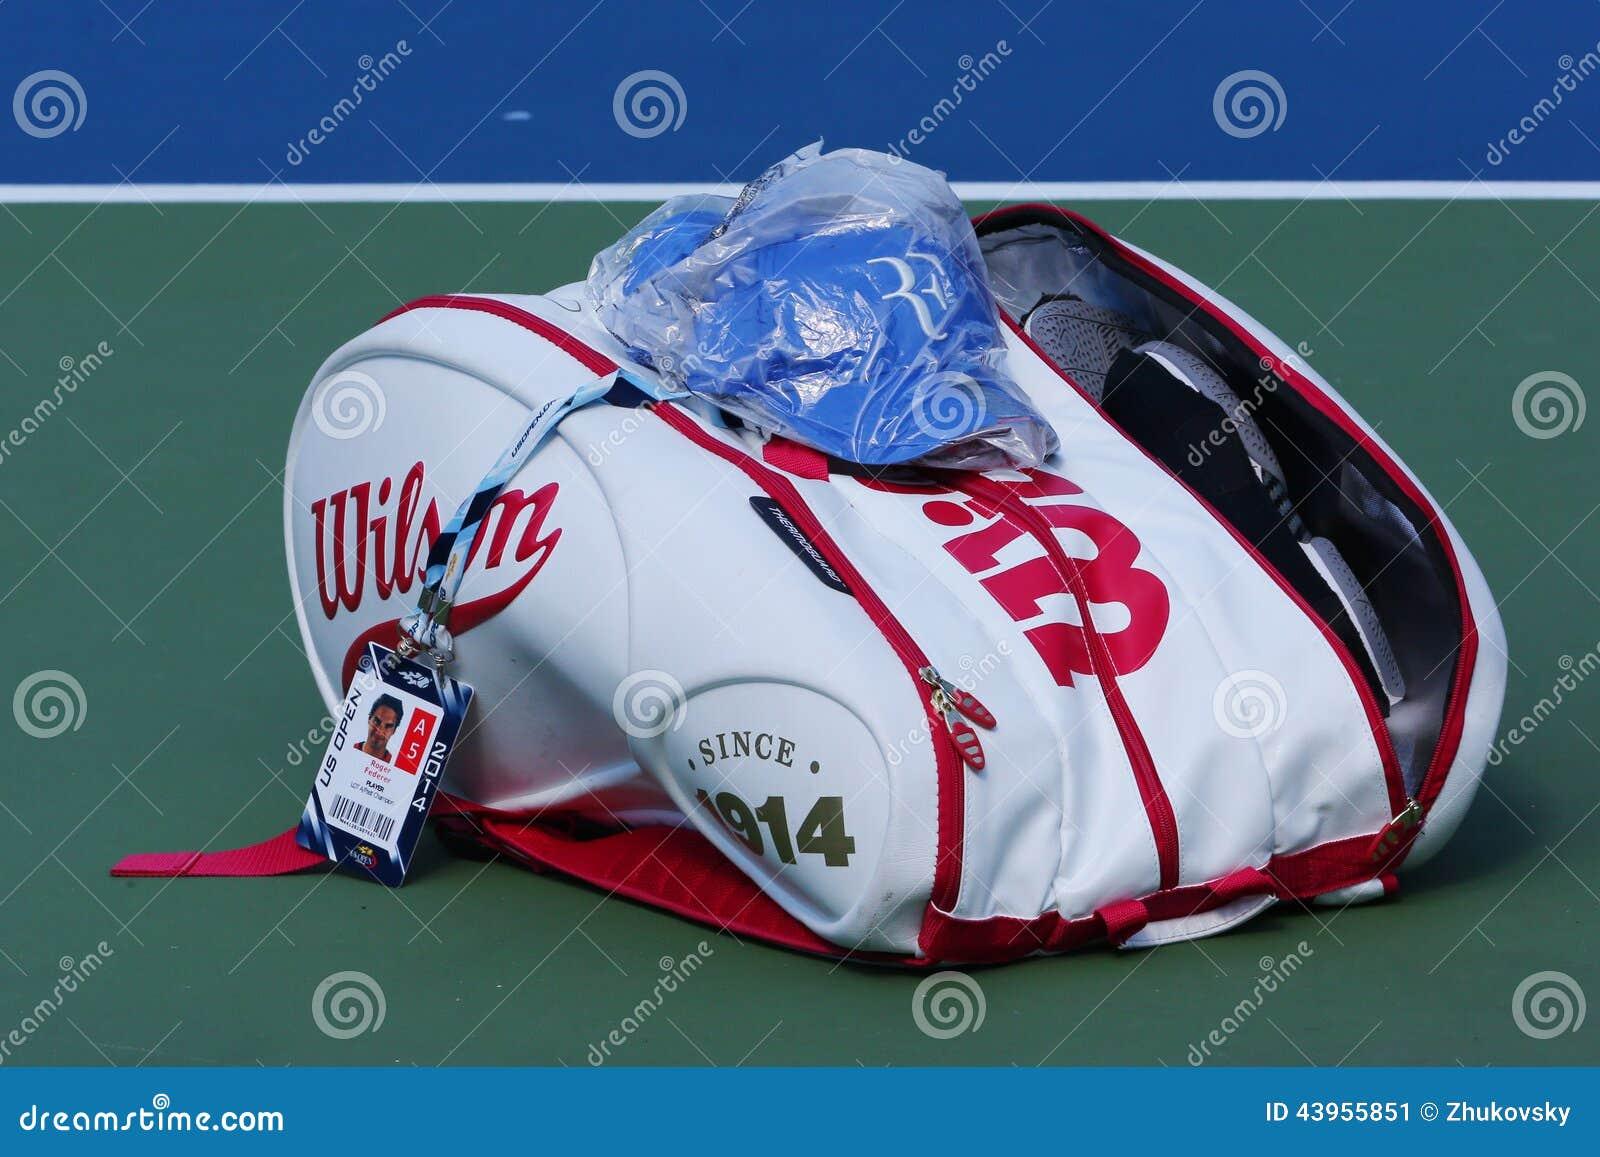 le champion roger federer de grand chelem a adapt le sac aux besoins du client de tennis de. Black Bedroom Furniture Sets. Home Design Ideas